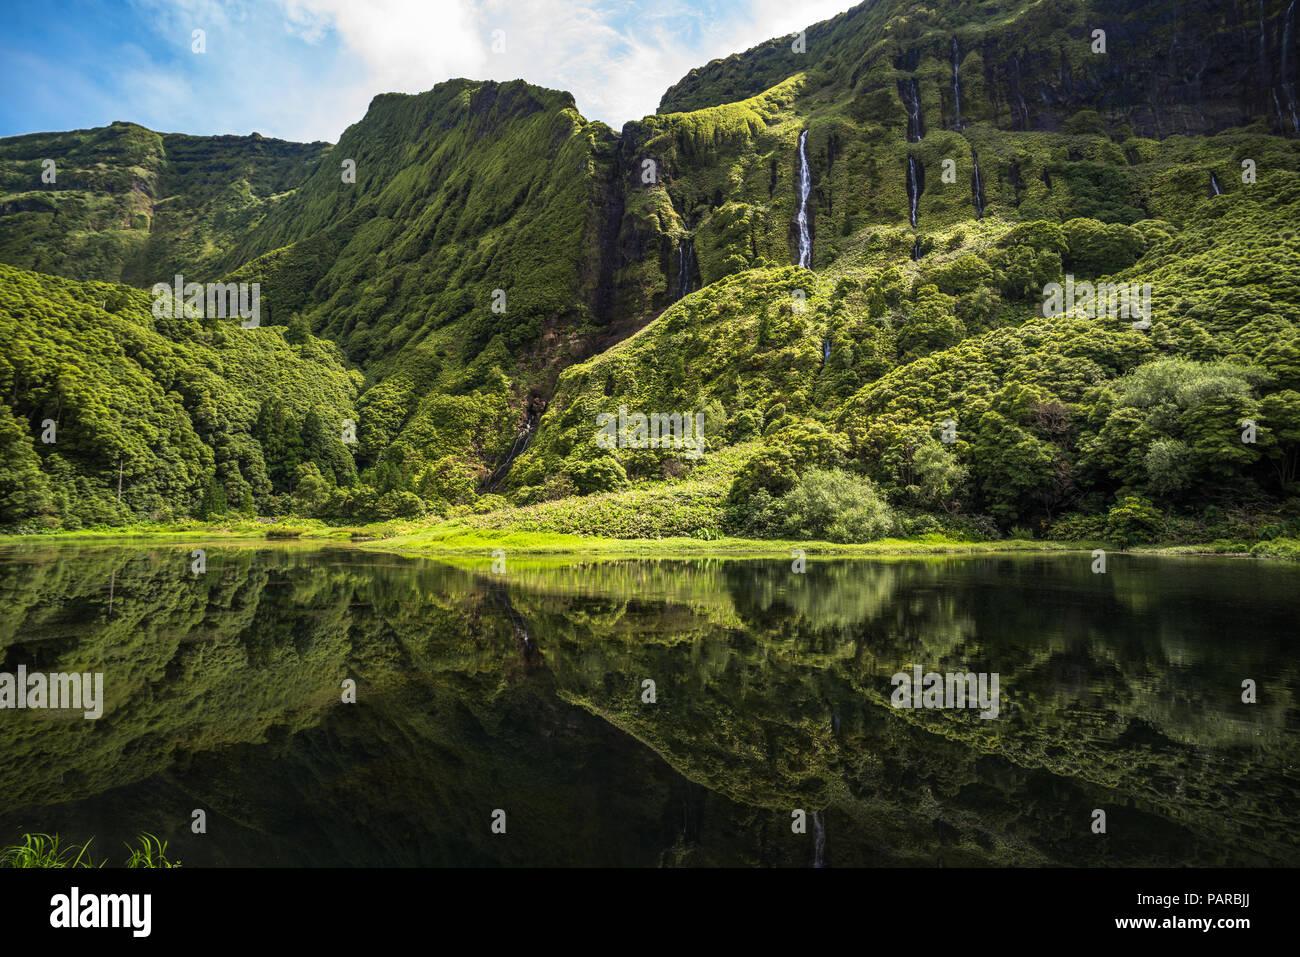 Poco da Ribeira do Ferreiro, Flores island, Azores, Portugal. - Stock Image